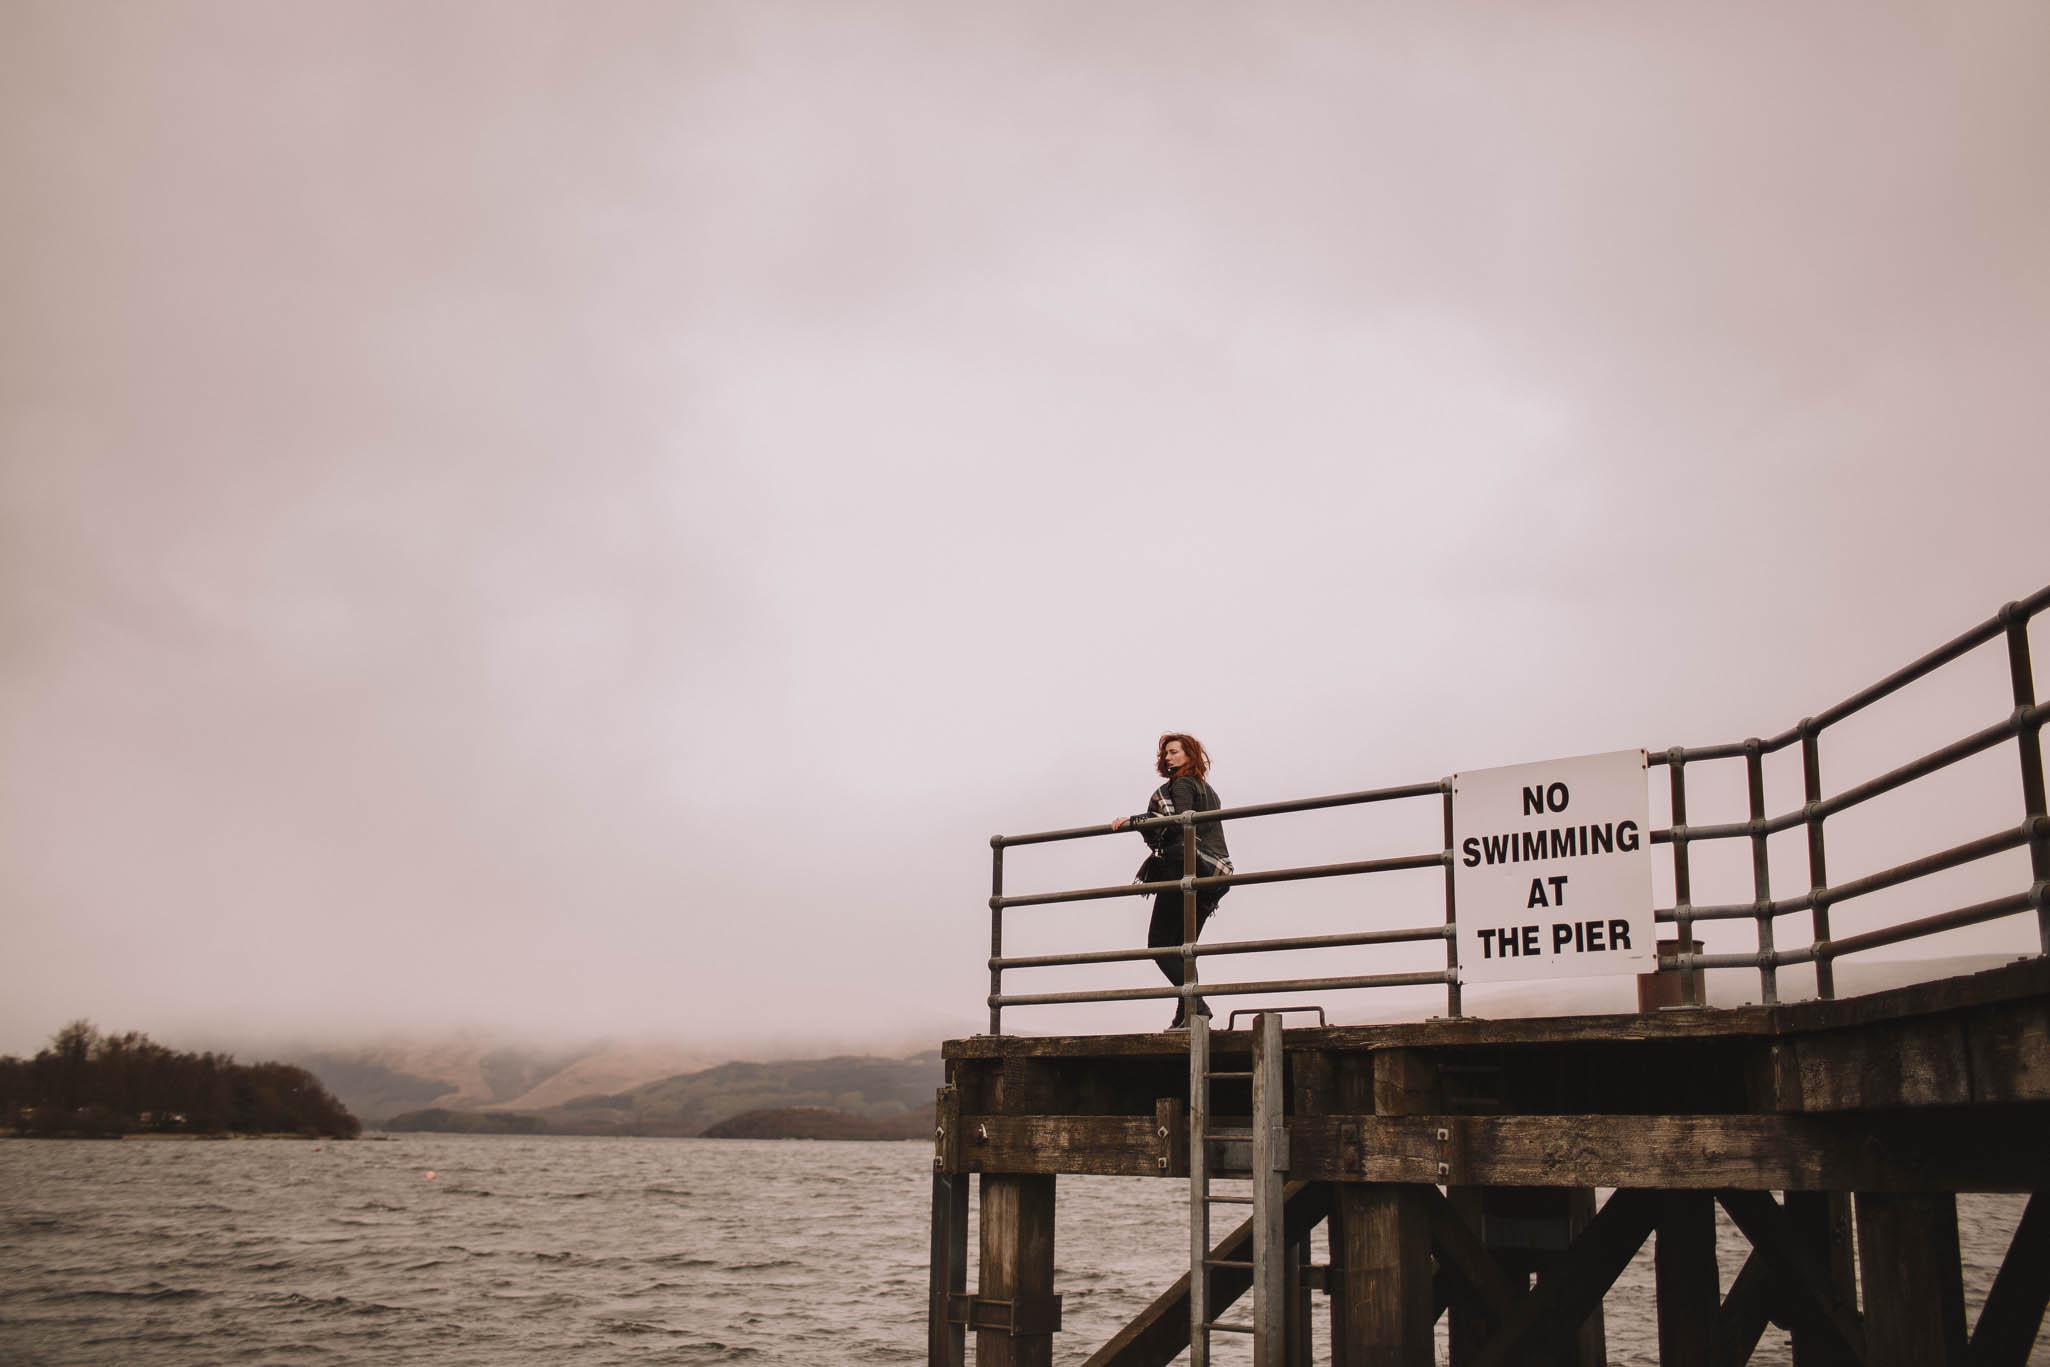 Scotland-wedding-photographer-jeremy-boyer-photographe-mariage-ecosse-voyage-road-trip-travel-8.jpg